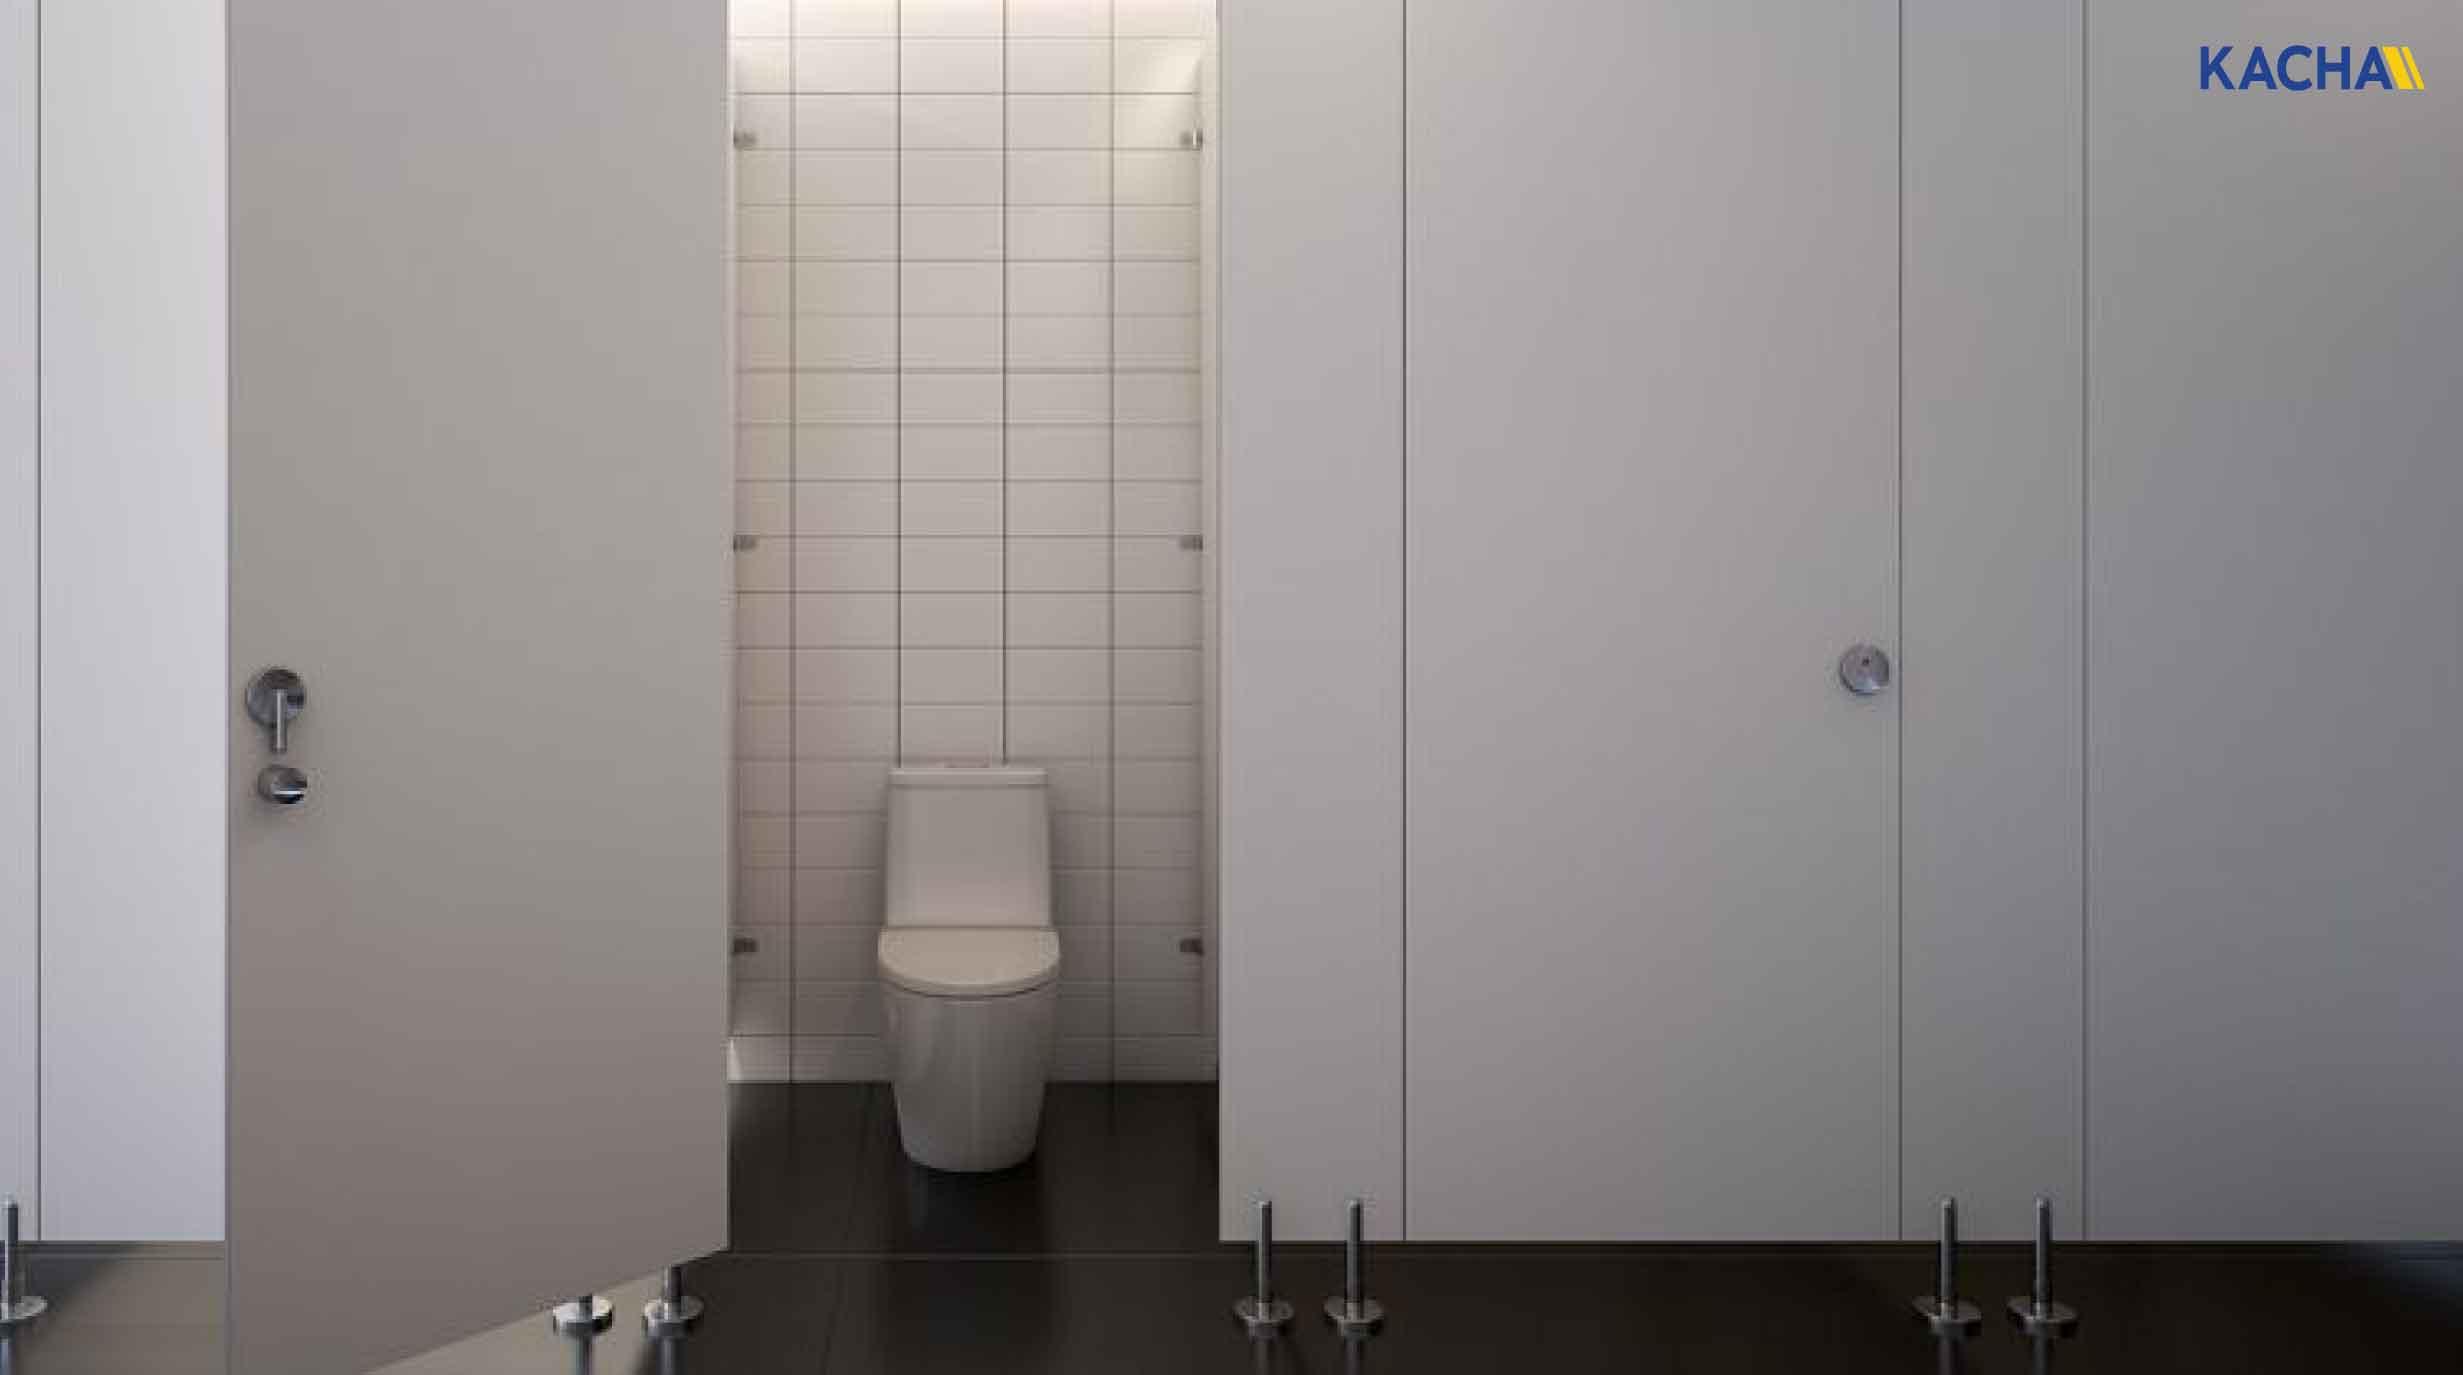 210429-Content-ผนังห้องน้ำสำเร็จรูป-ก่ออิฐฉาบปูน-มีข้อดี-ข้อเสียอย่างไร-02